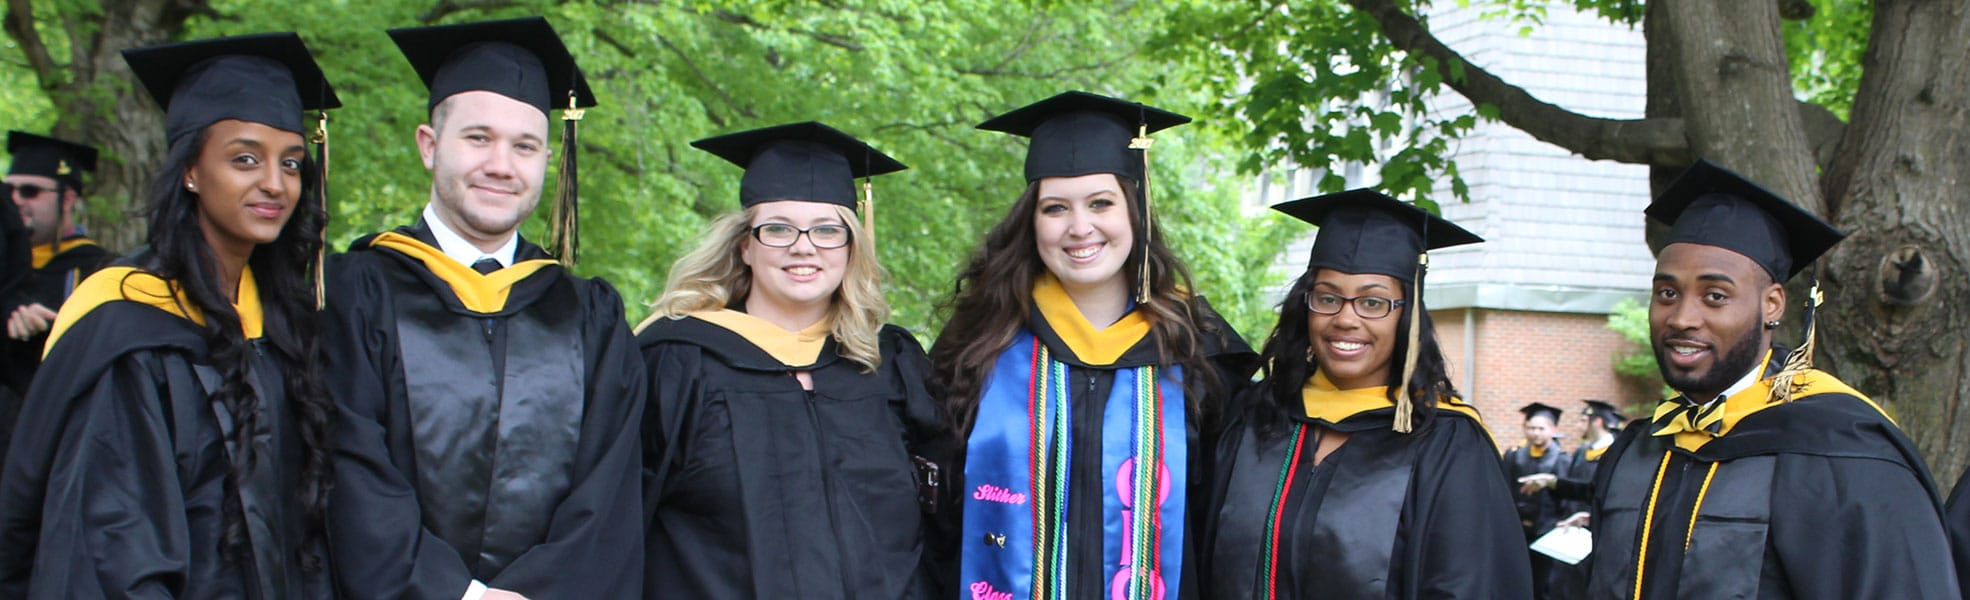 Ferrum College grads